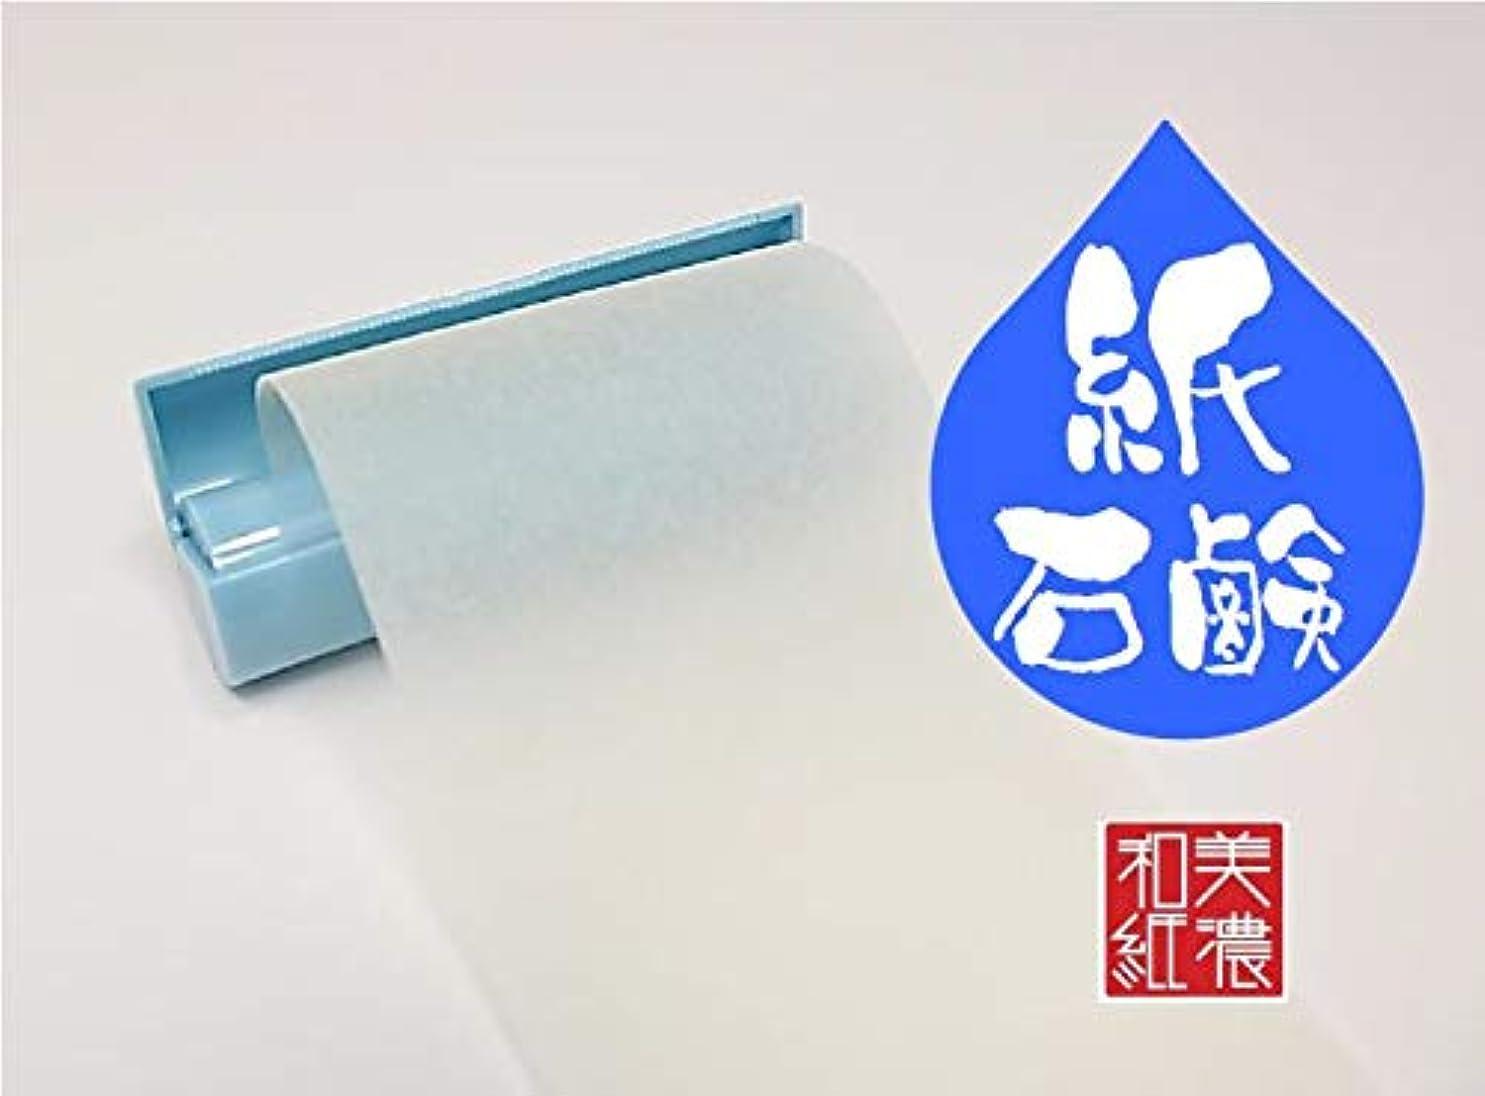 もちろんコンペ樹木持ち運びに便利!手のひらサイズのフリーカット紙石鹸